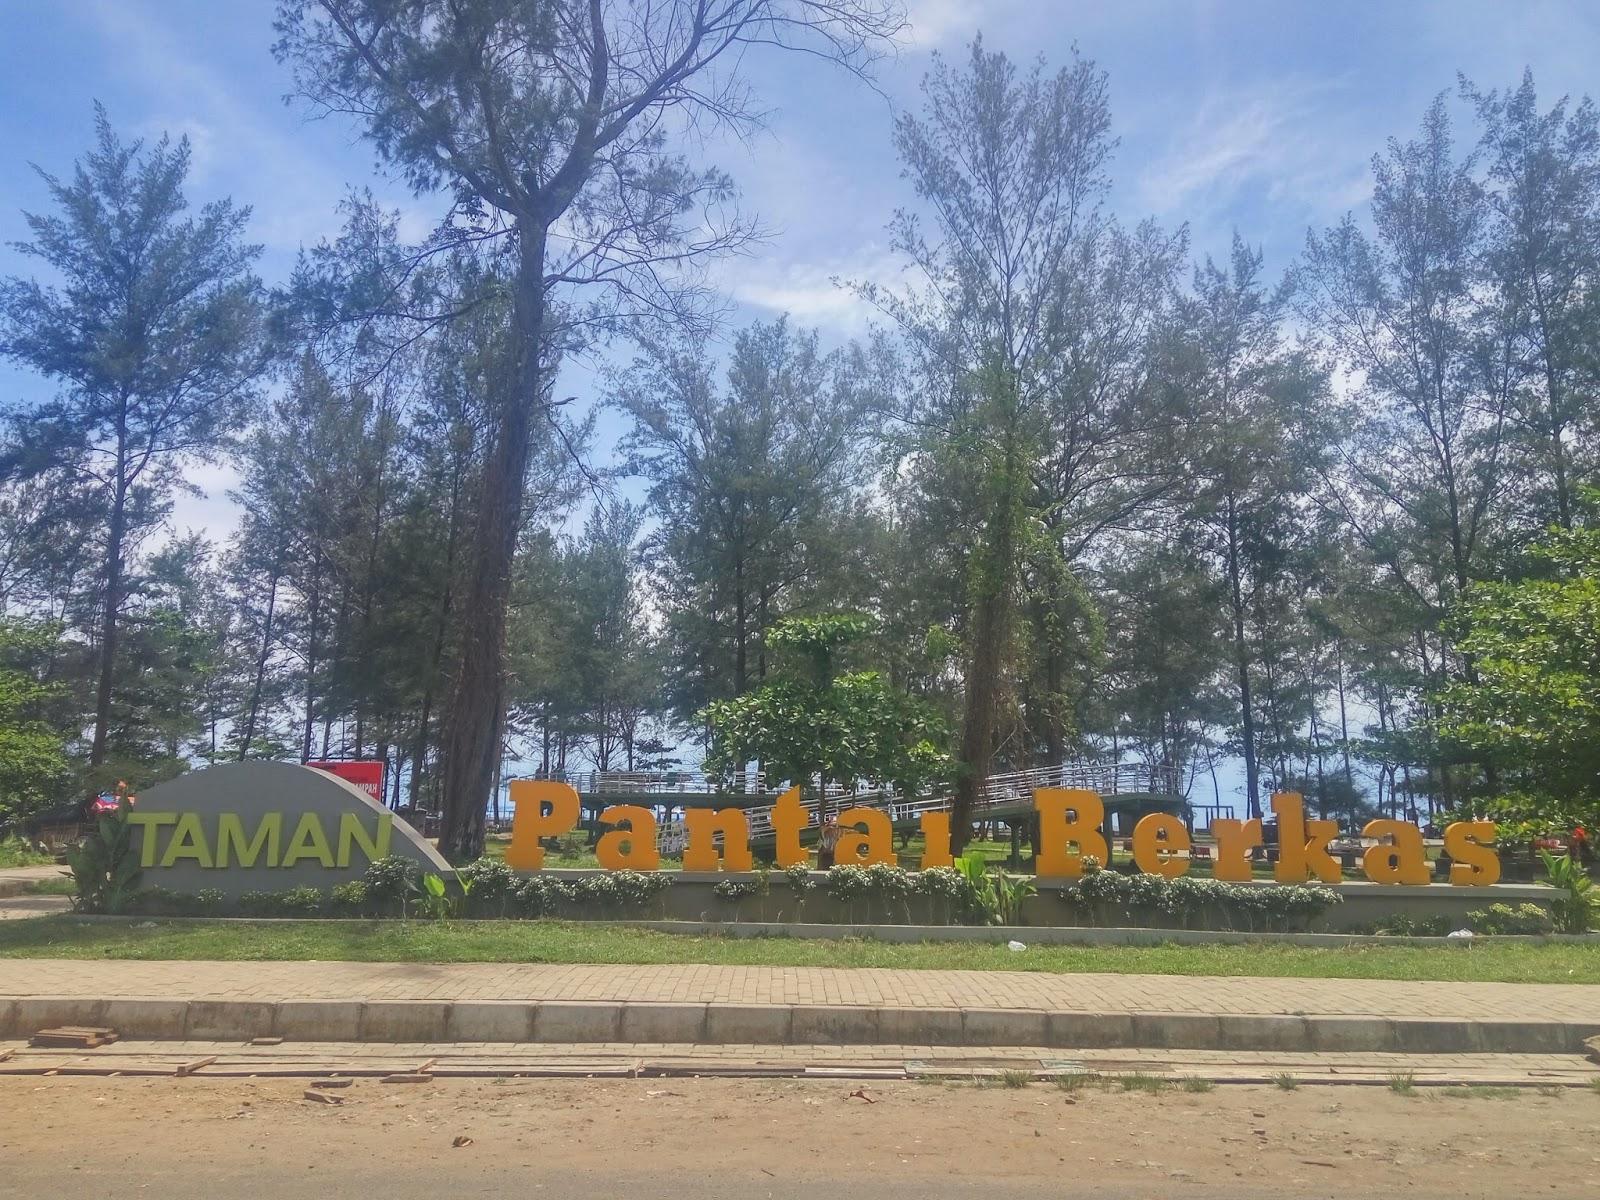 Boki Vanroyen Tempat Tongkrongan Asik Kota Bengkulu Taman Pantai Berkas